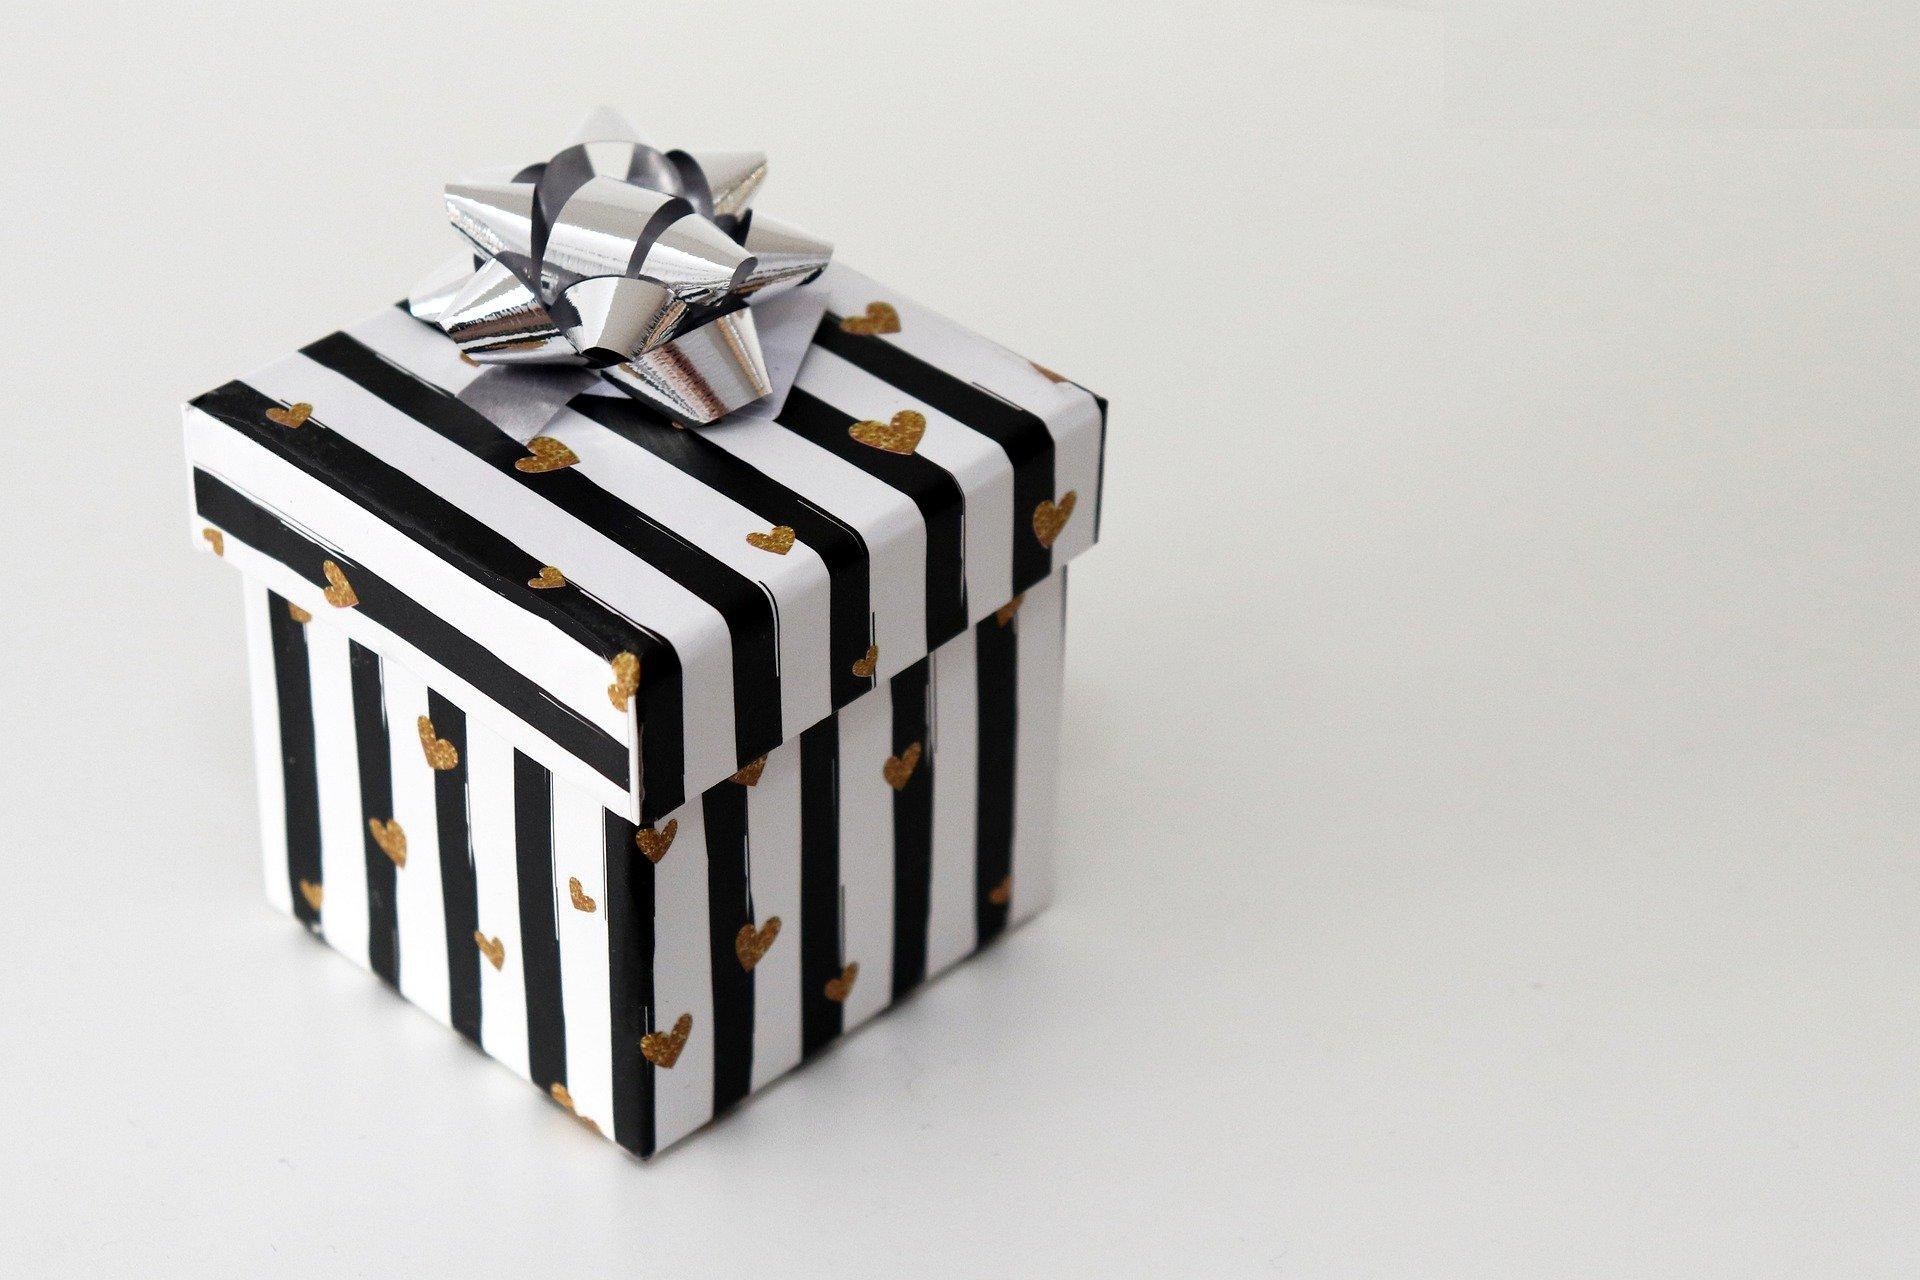 dárek k narozeninám